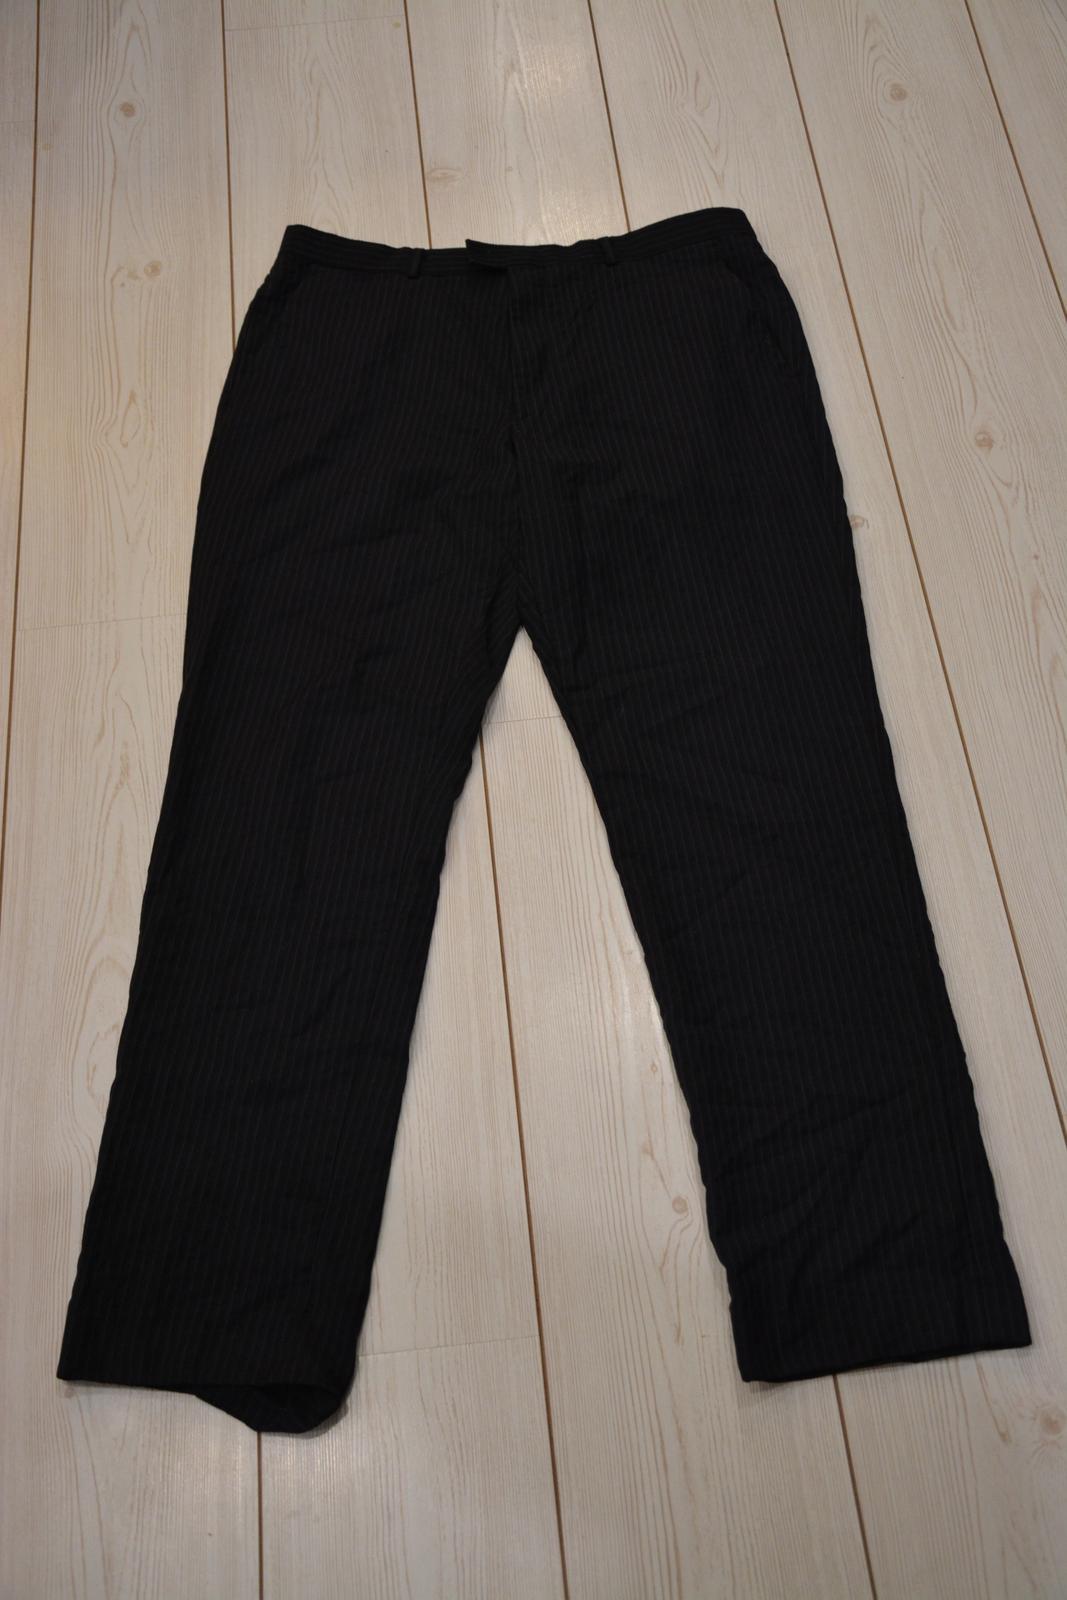 Společenské kalhoty John Lewis - Obrázek č. 1